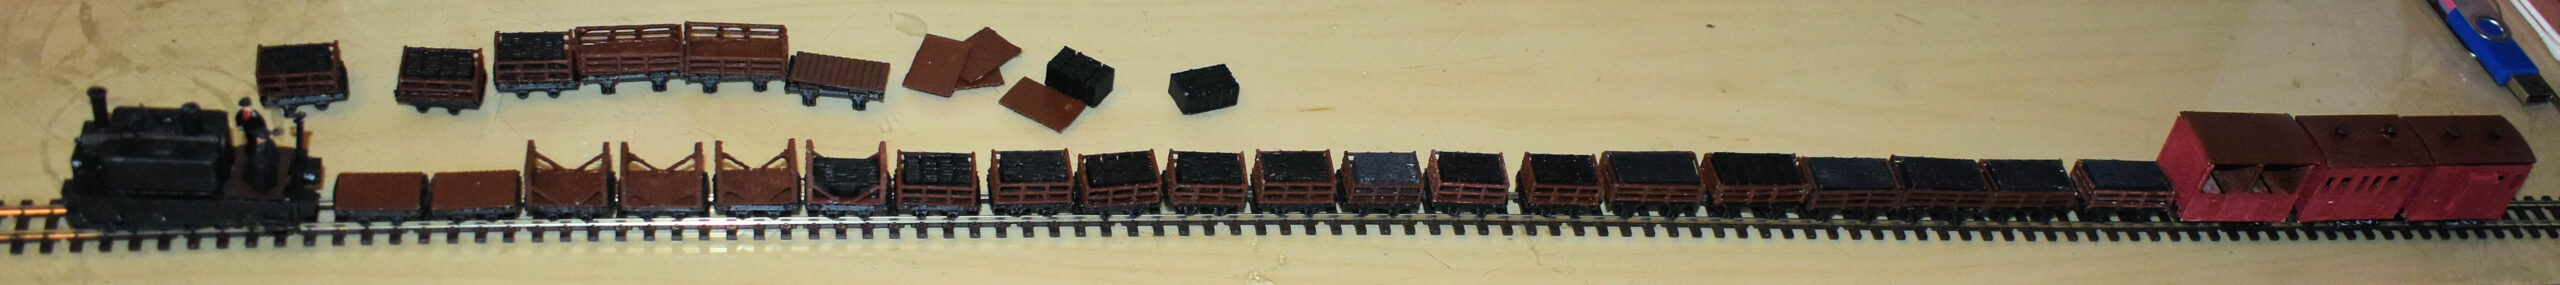 OO9 Slate Train